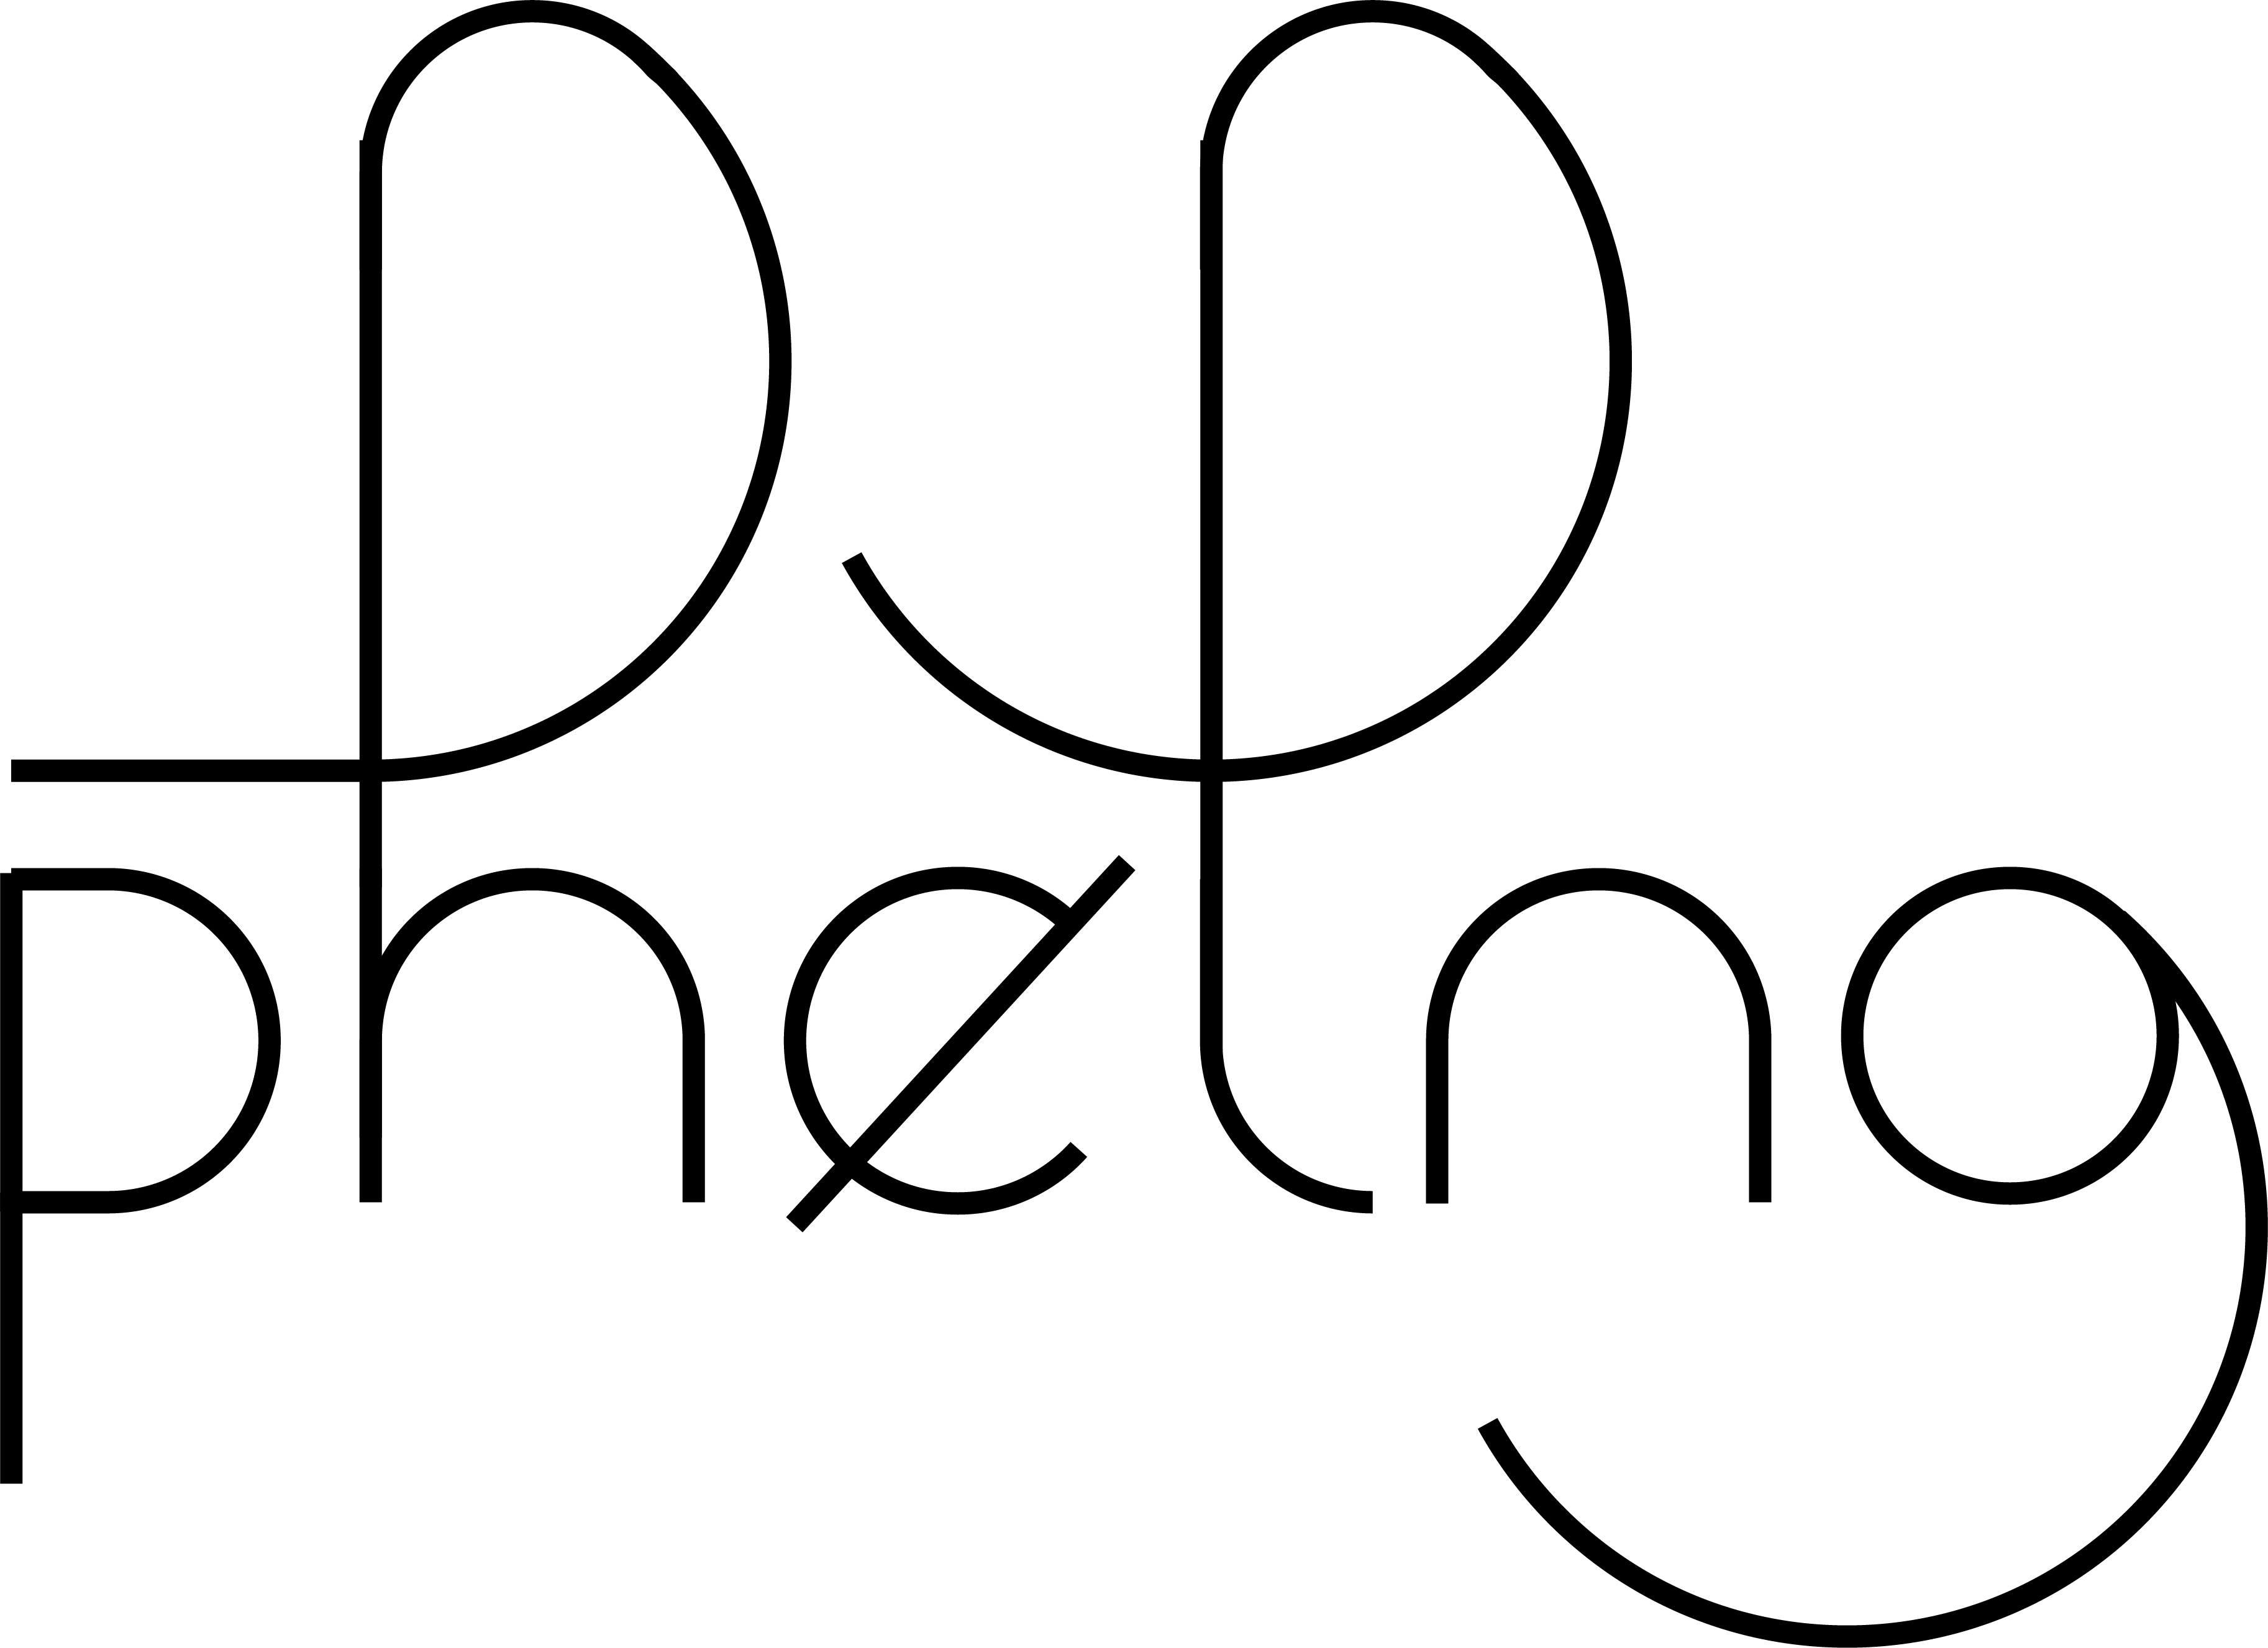 Le logotype de phelng